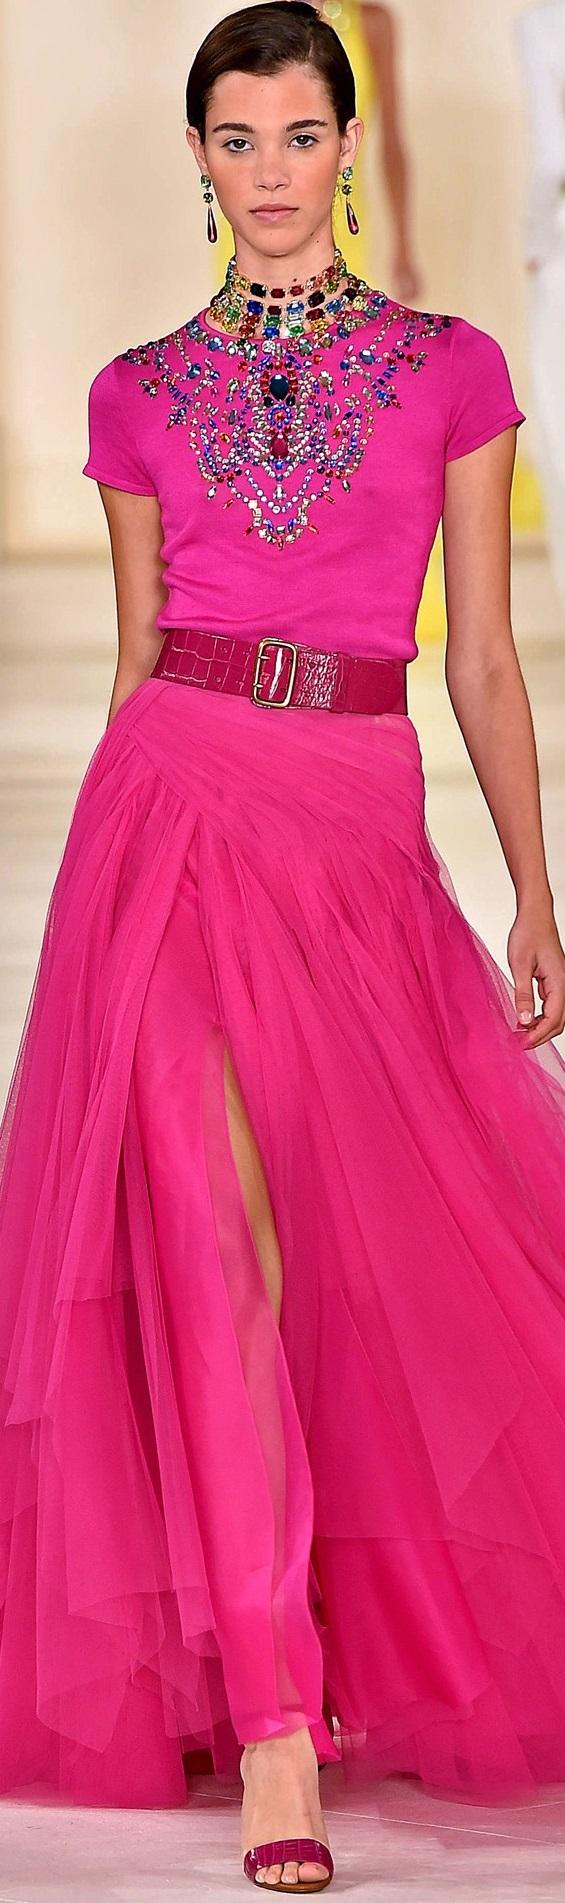 Ralph Lauren http://claudiabassoboutique.com.br/tapete-vermelho/vestidos-de-festa-previsoes-para-a-temporada-hollywoodiana-de-tapetes-vermelhos/